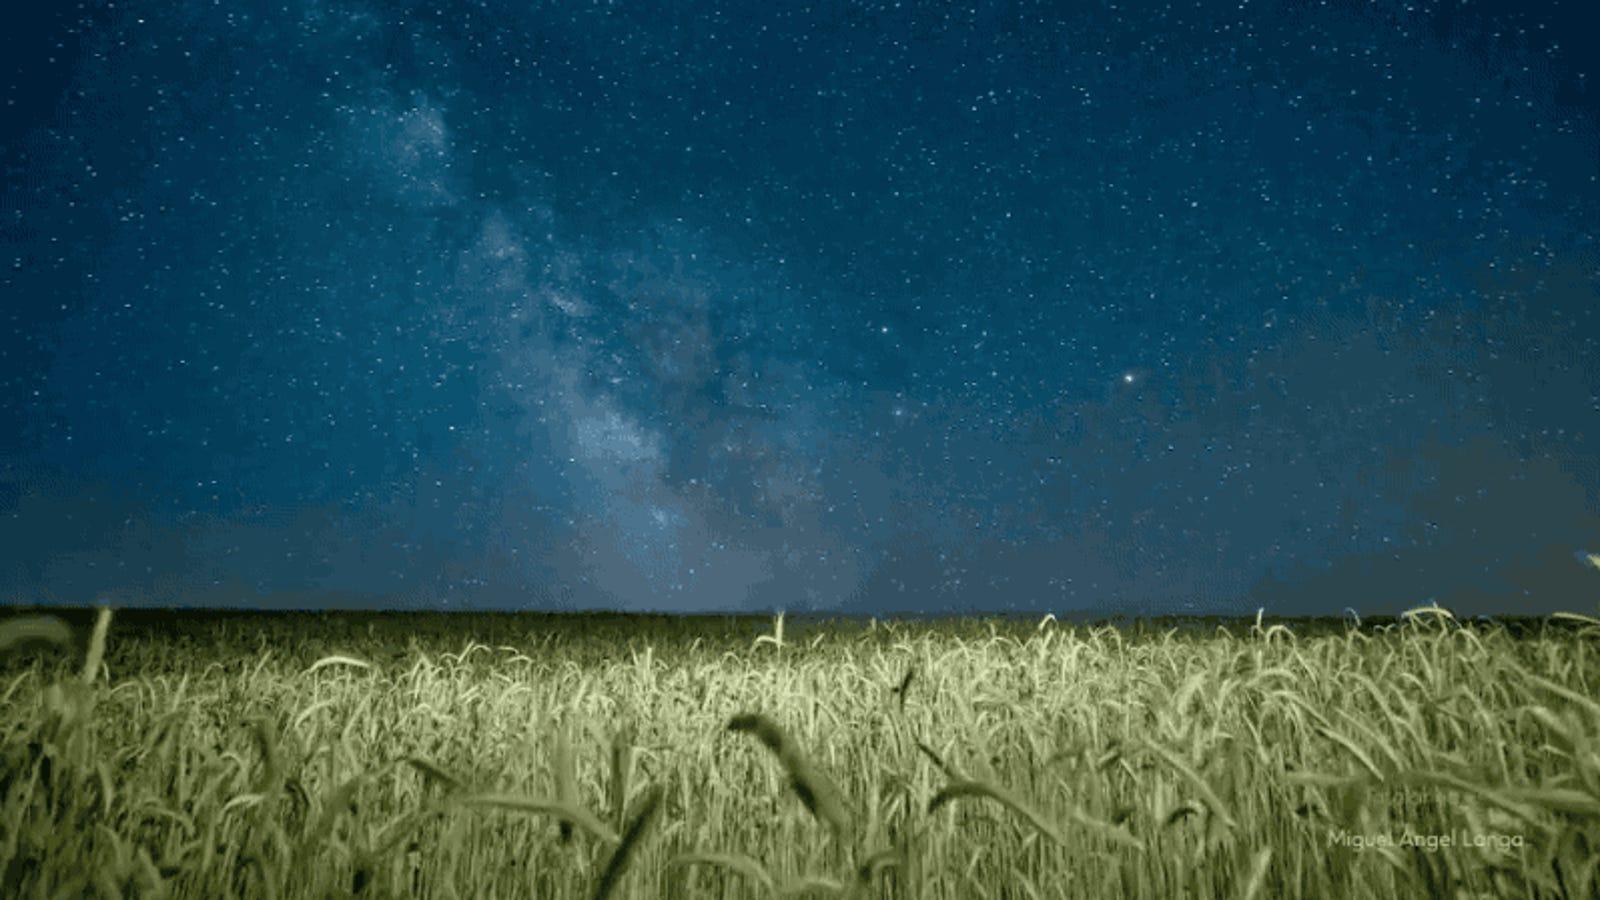 ¿Crees que hacer un timelapse de astronomía es fácil? Este vídeo te hará cambiar de opinión